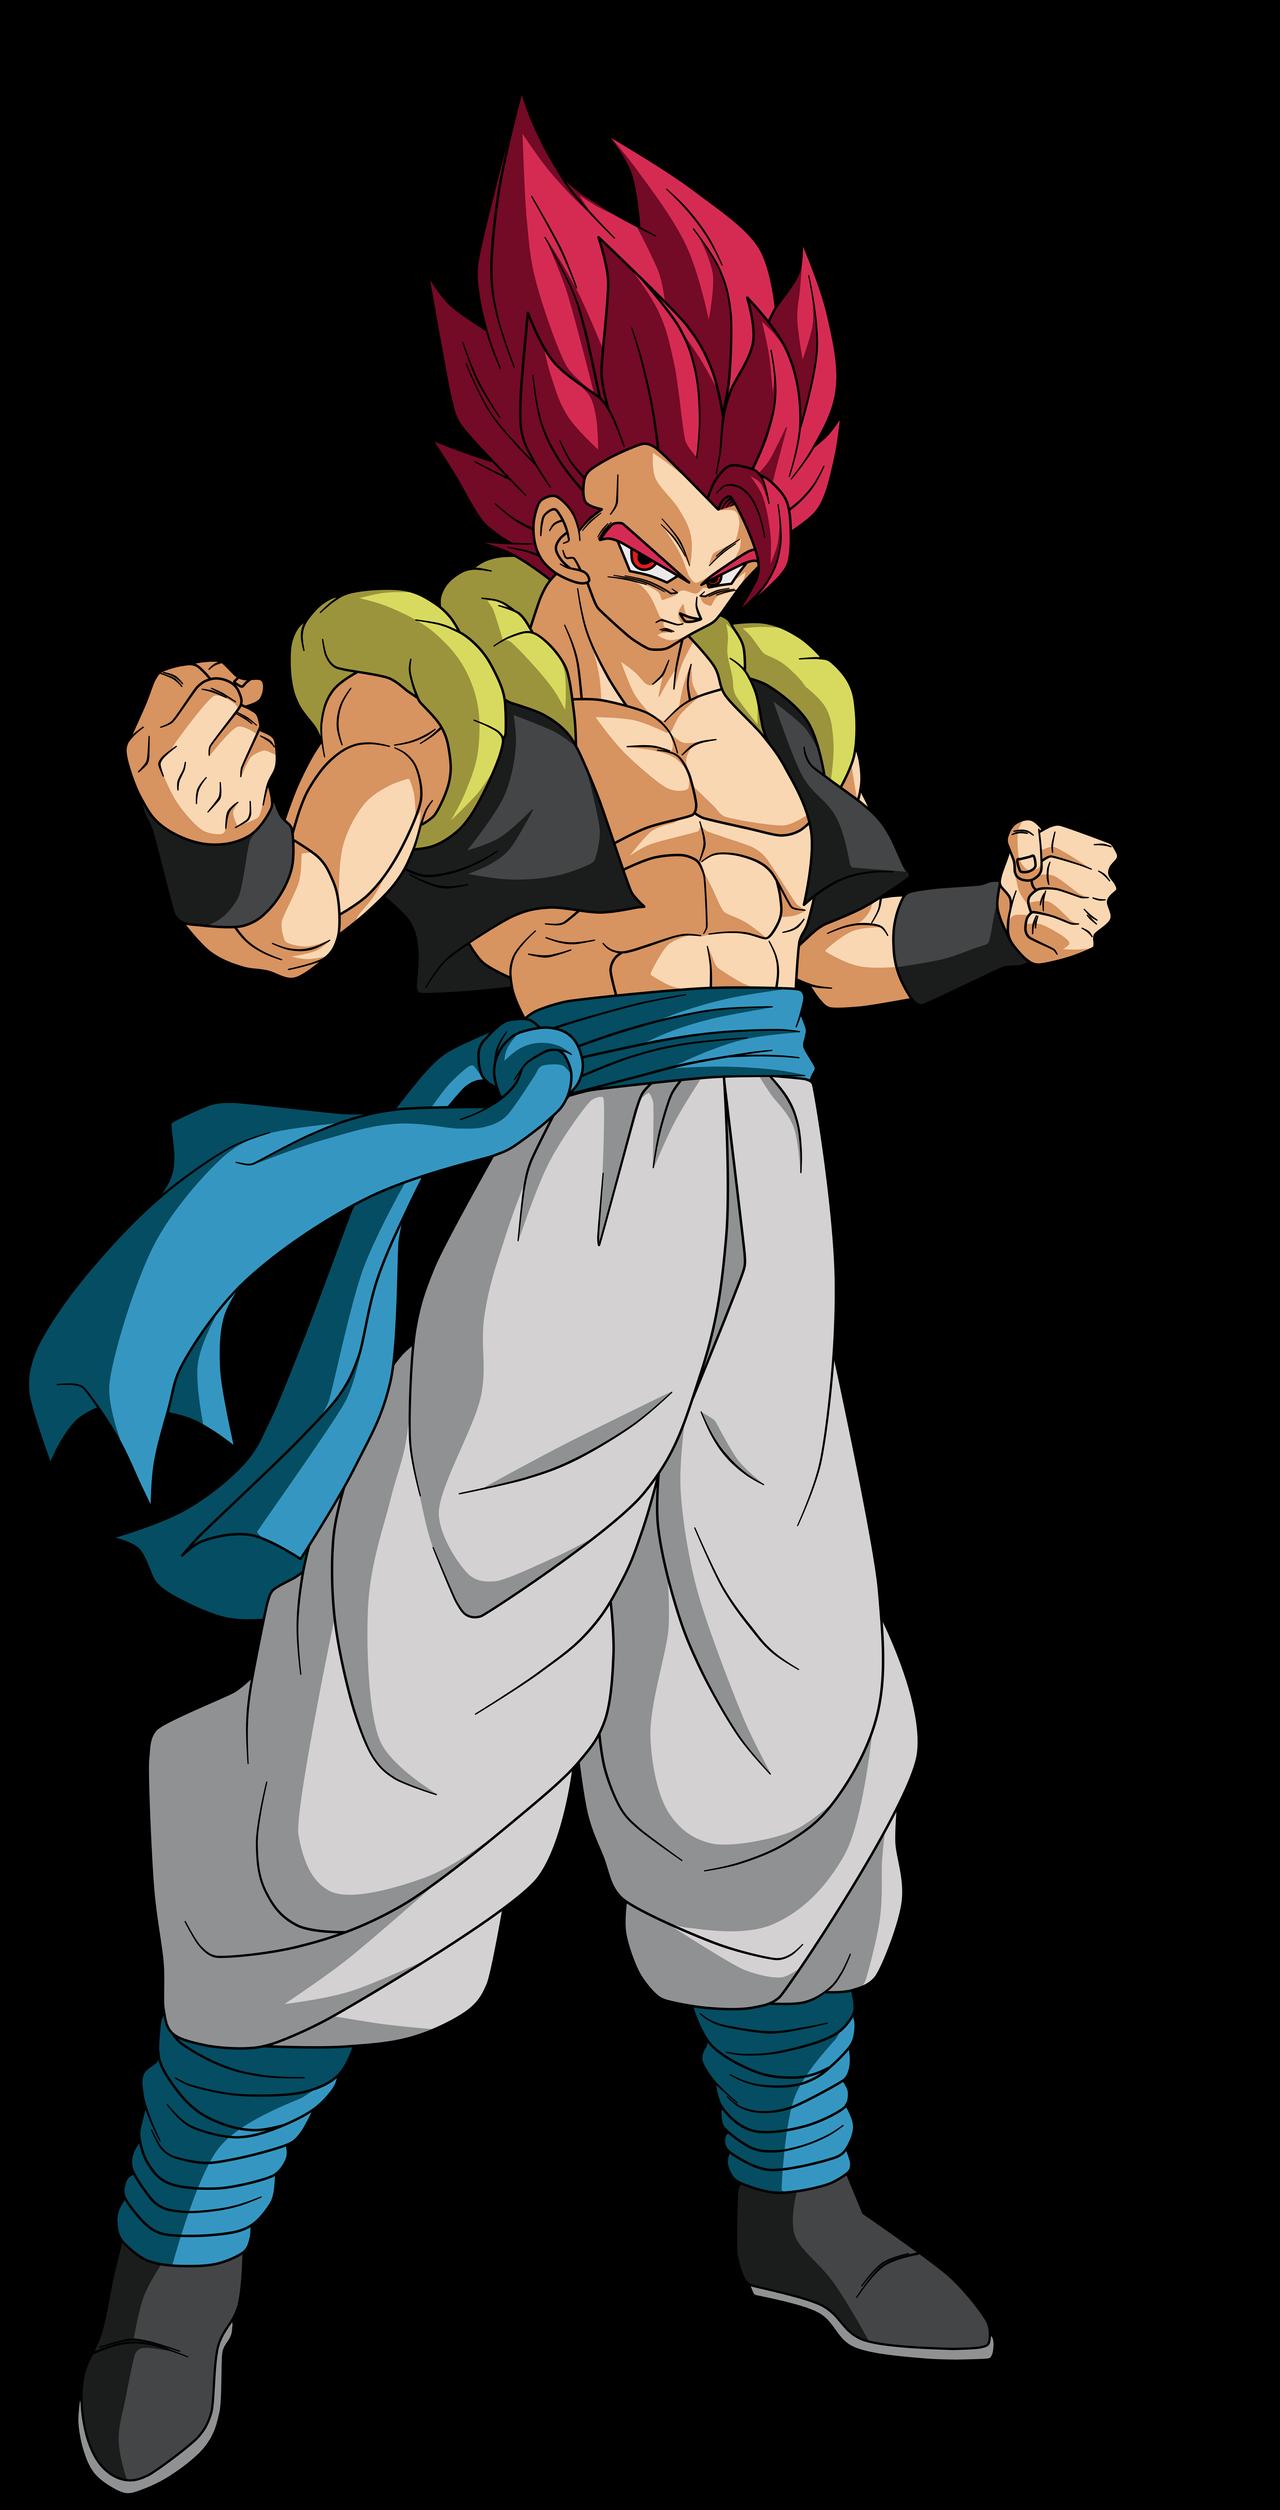 Gogeta Super Saiyan God By Crismarshall On Deviantart Dragon Ball Super Dragon Ball Super Manga Anime Dragon Ball Super